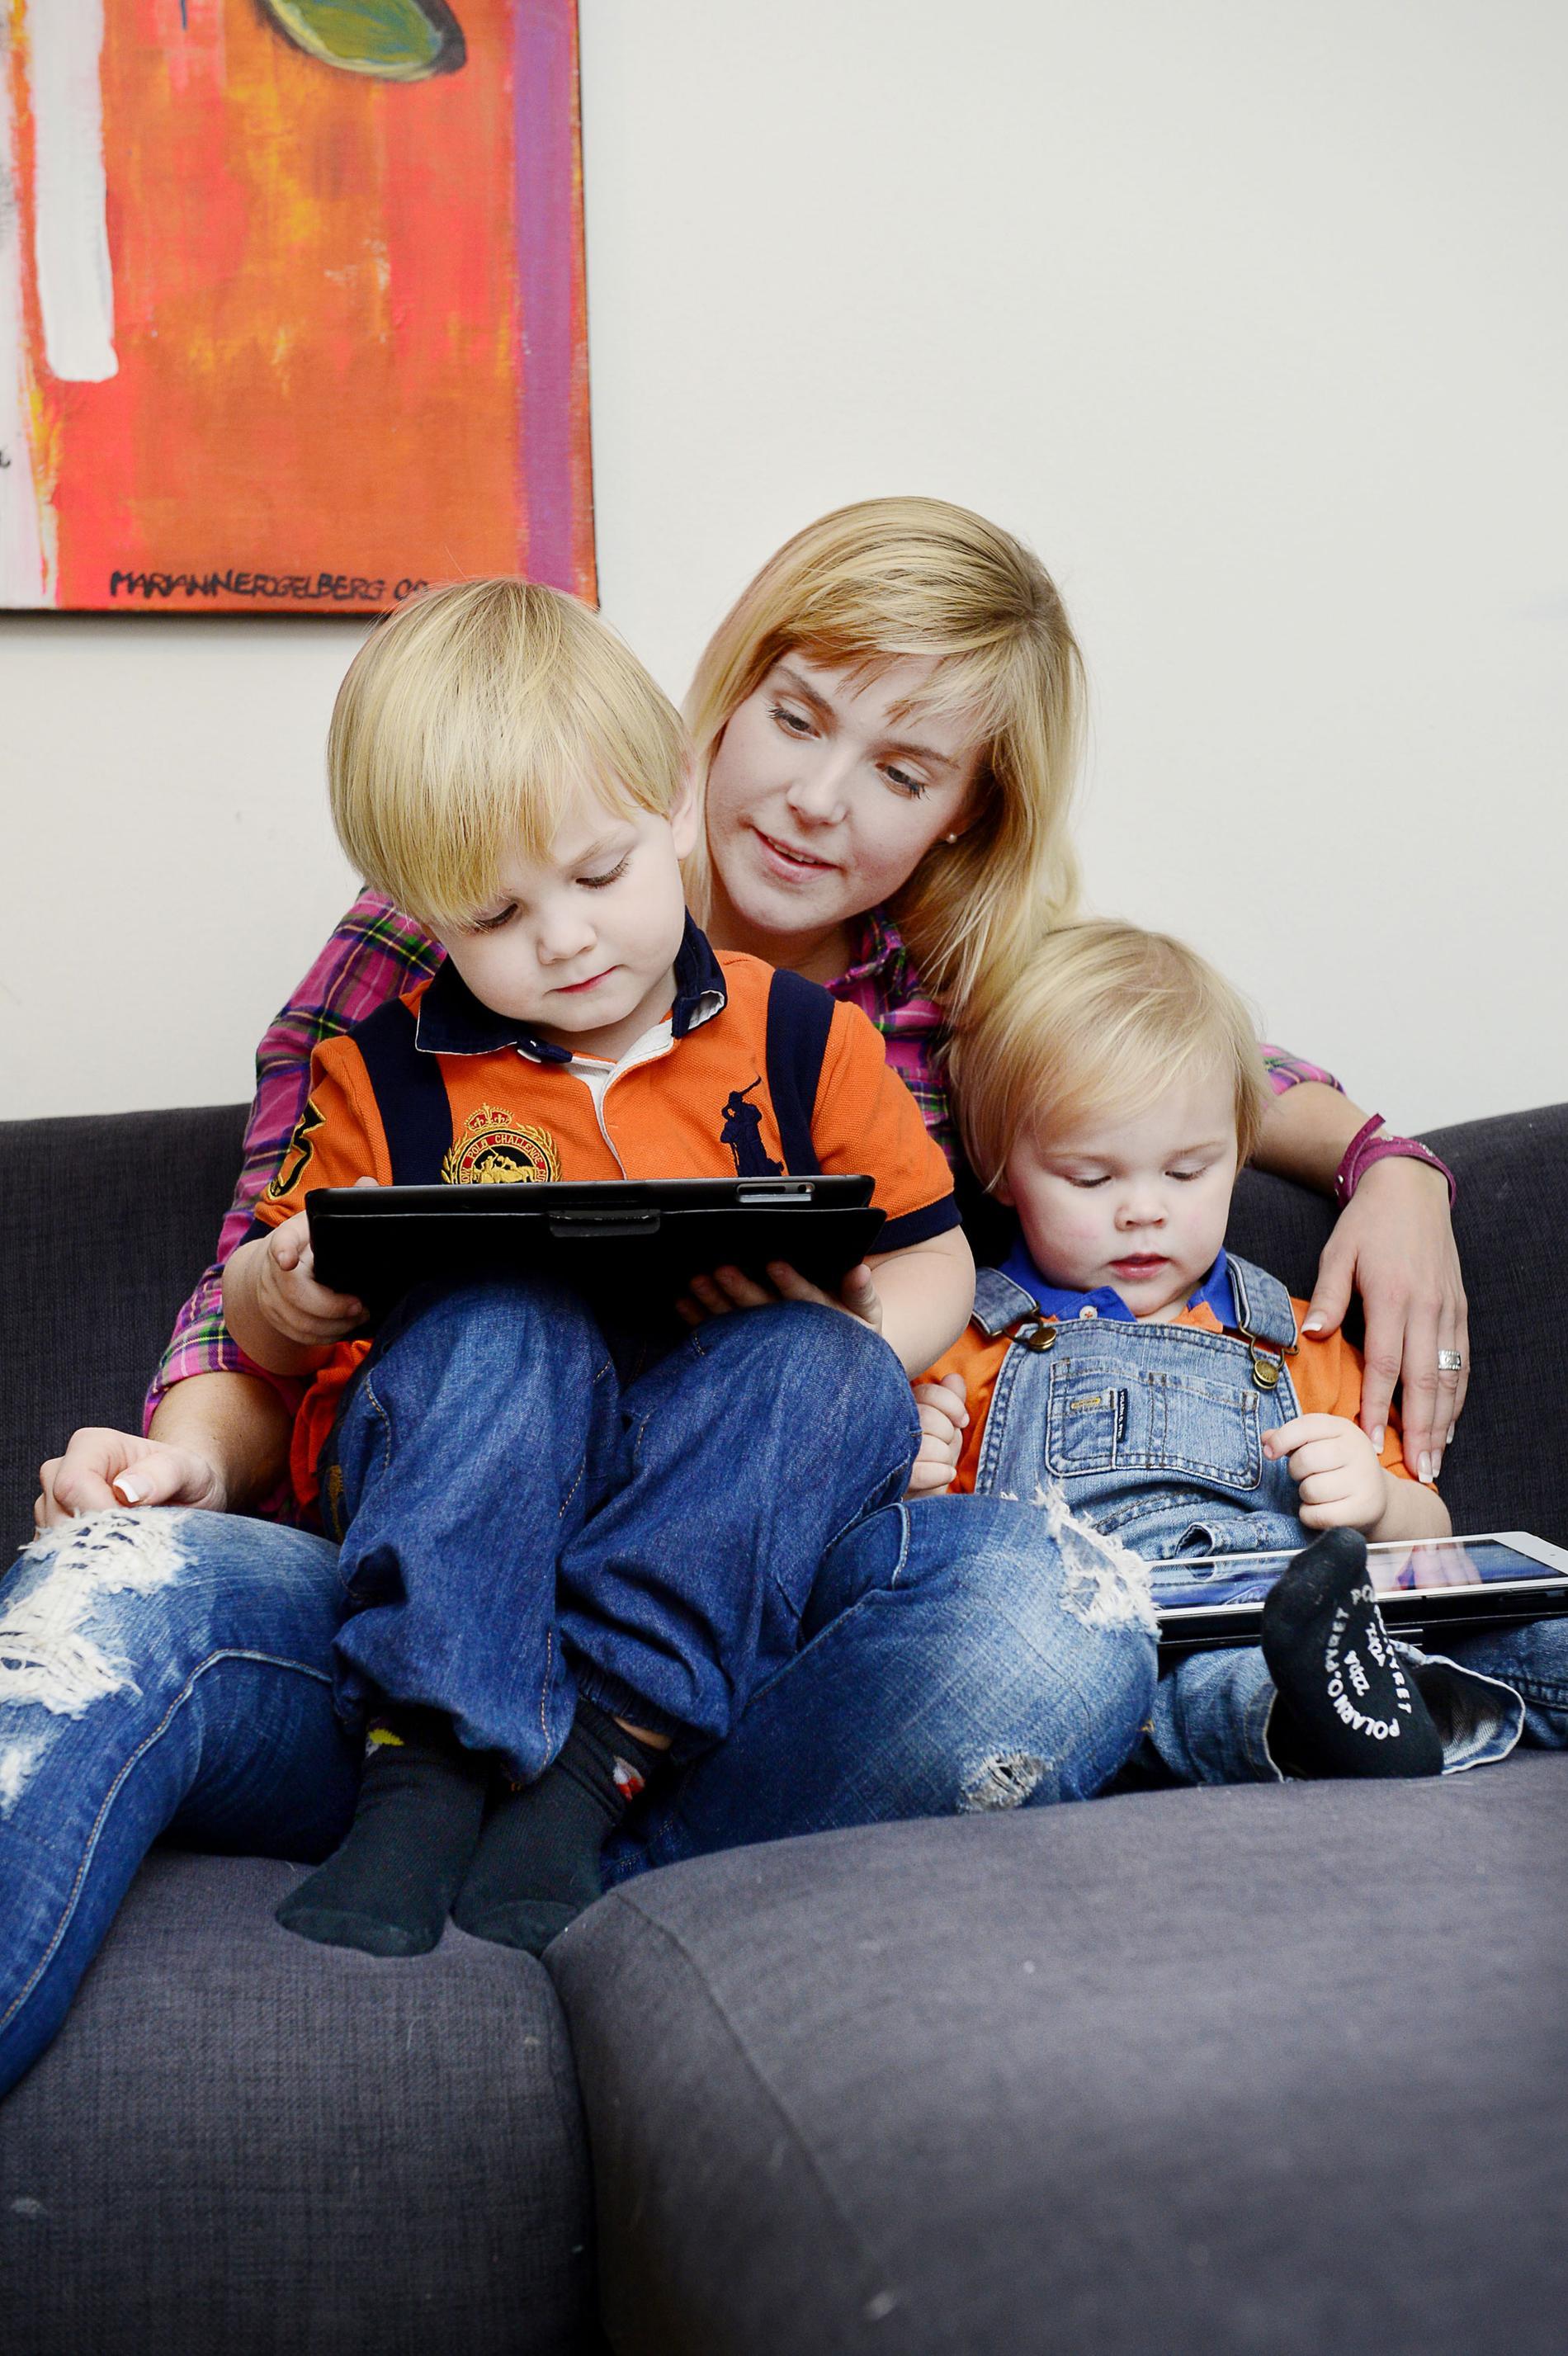 Lovisa Sandström och hennes två söner, Sixten, 3, och Baxter, 2, tillsammans med deras surfplattor.